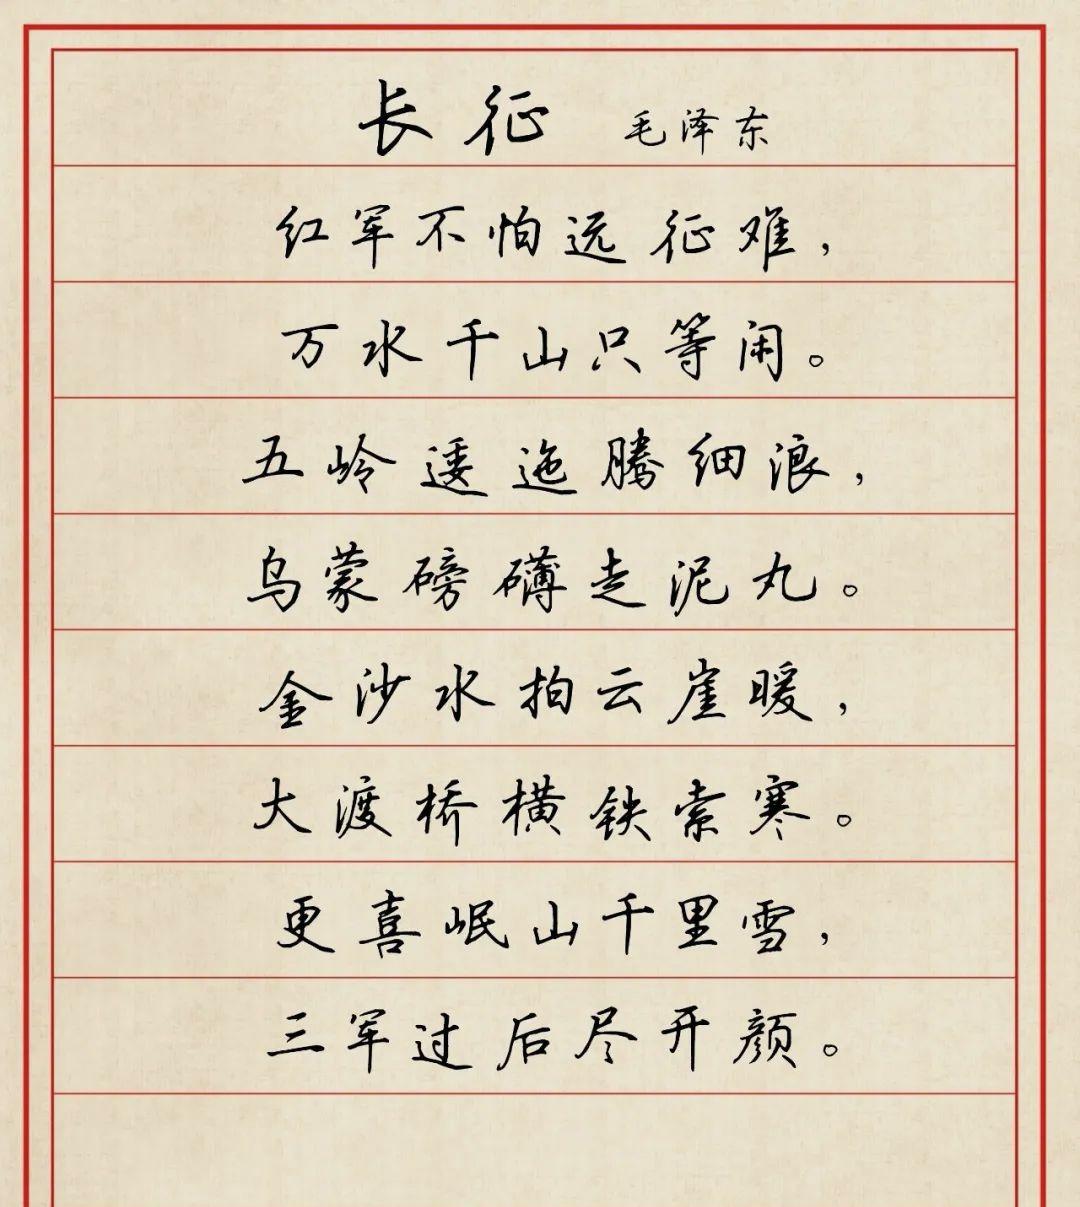 硬笔书法欣赏《七律长征》